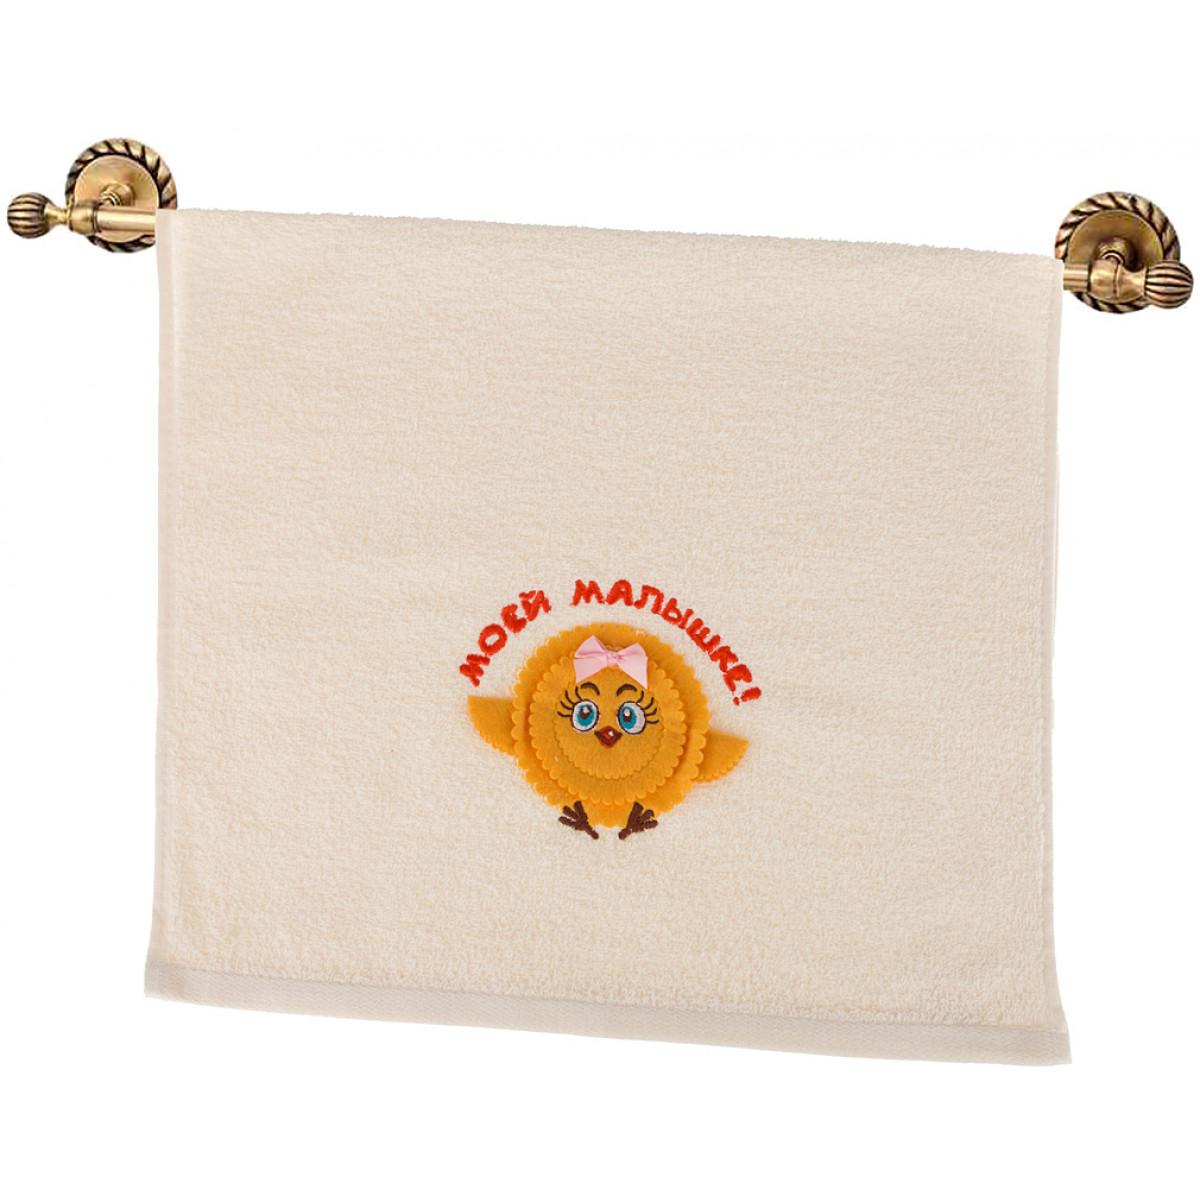 Купить Полотенца Santalino, Детское полотенце Kylie (40х70 см), Россия, Бежевый, Махра